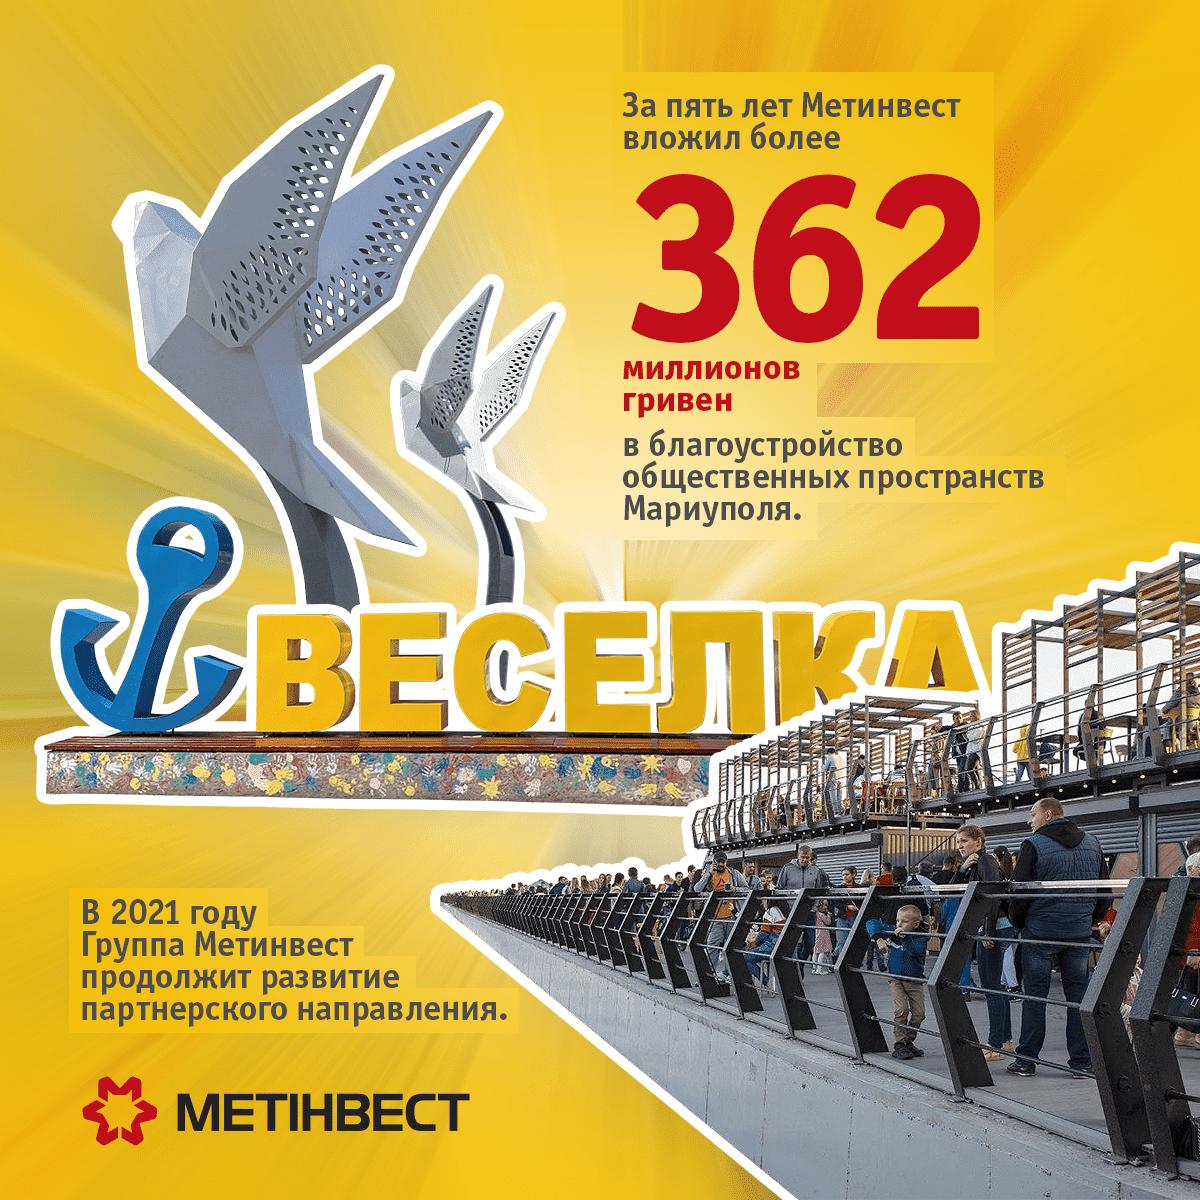 За пять лет Метинвест вложил более 362 миллионов гривен в благоустройство общественных пространств Мариуполя